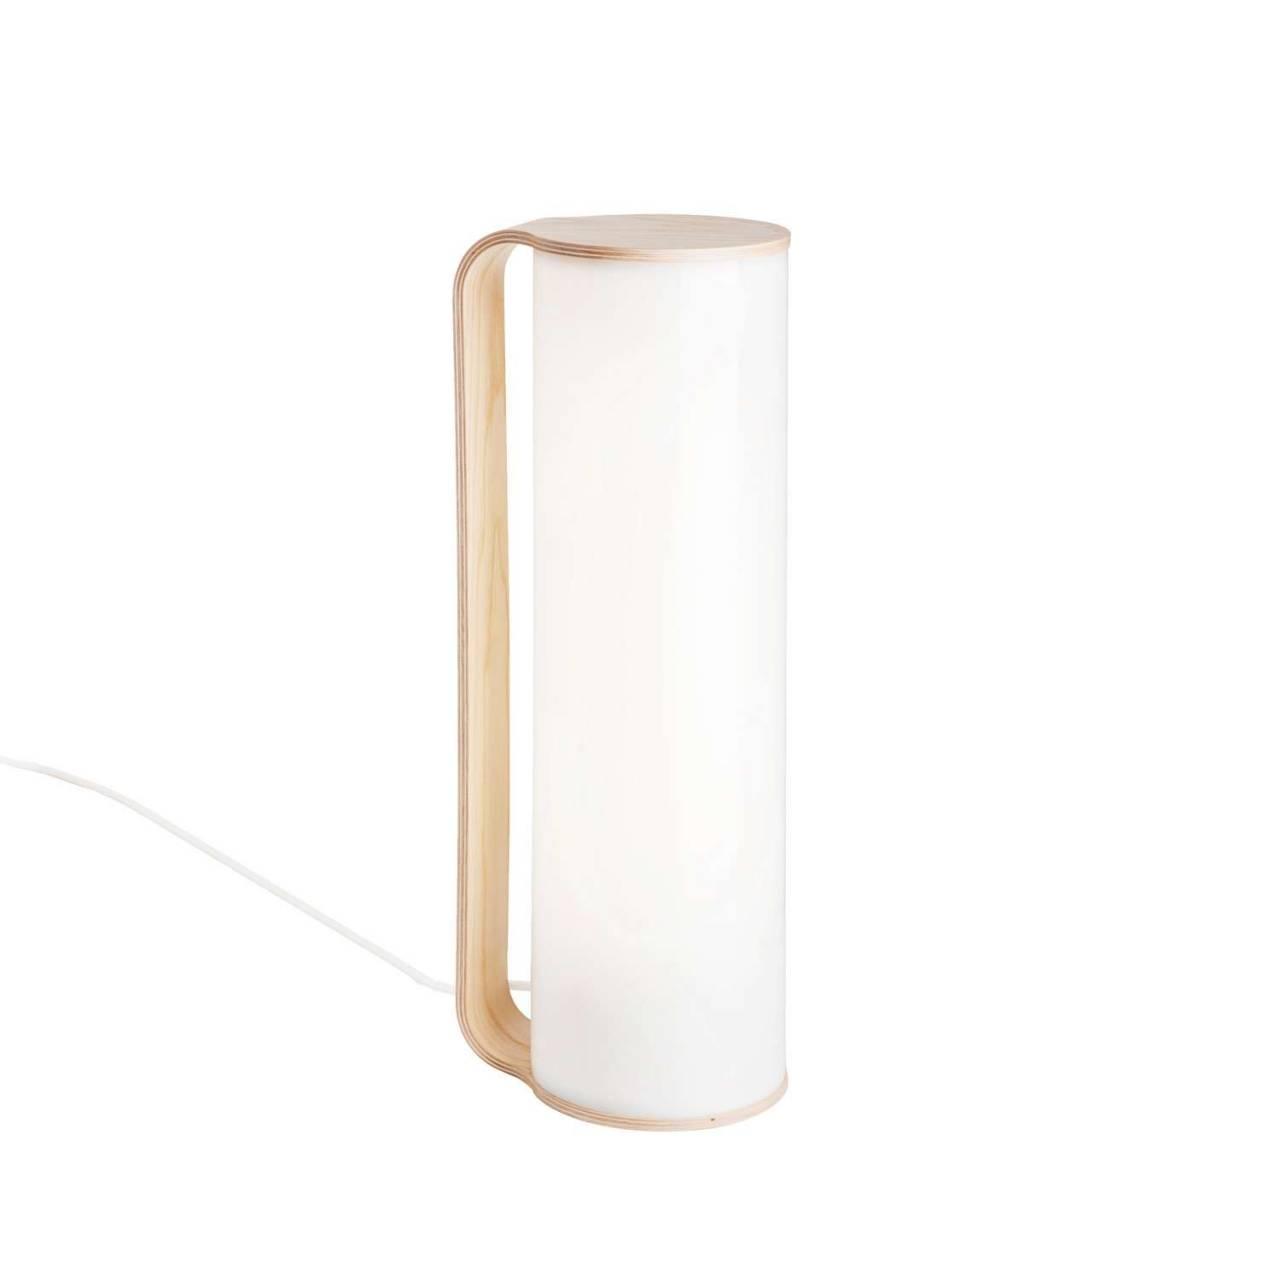 Innolux Tubo LED Therapieleuchte Esche 734236L